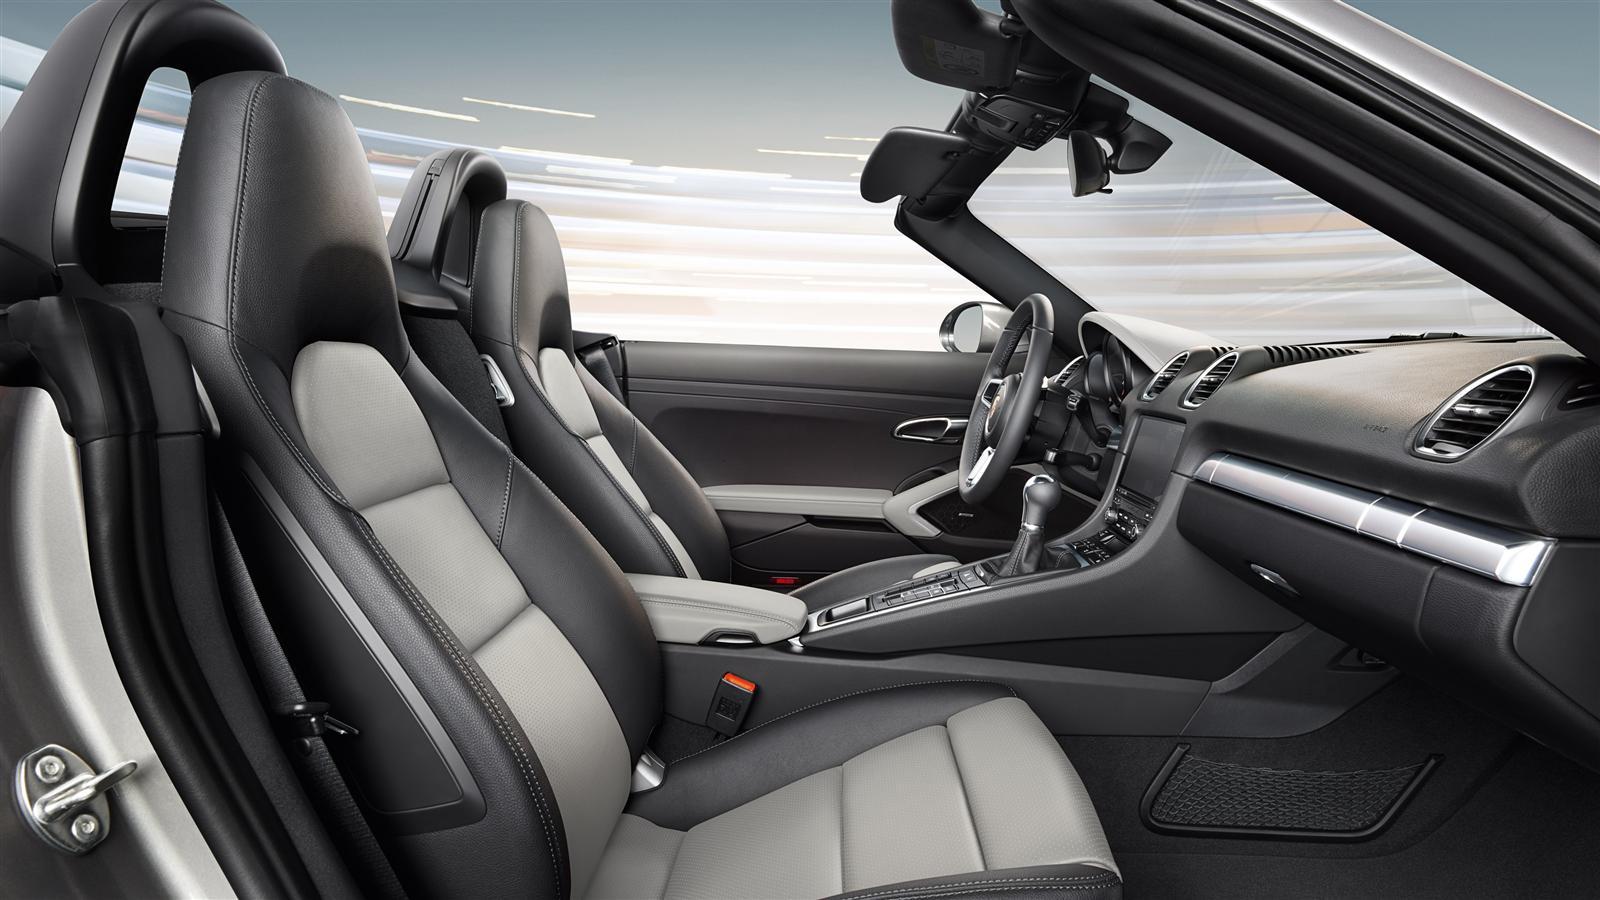 2017 Porsche Boxster 718 Interior View